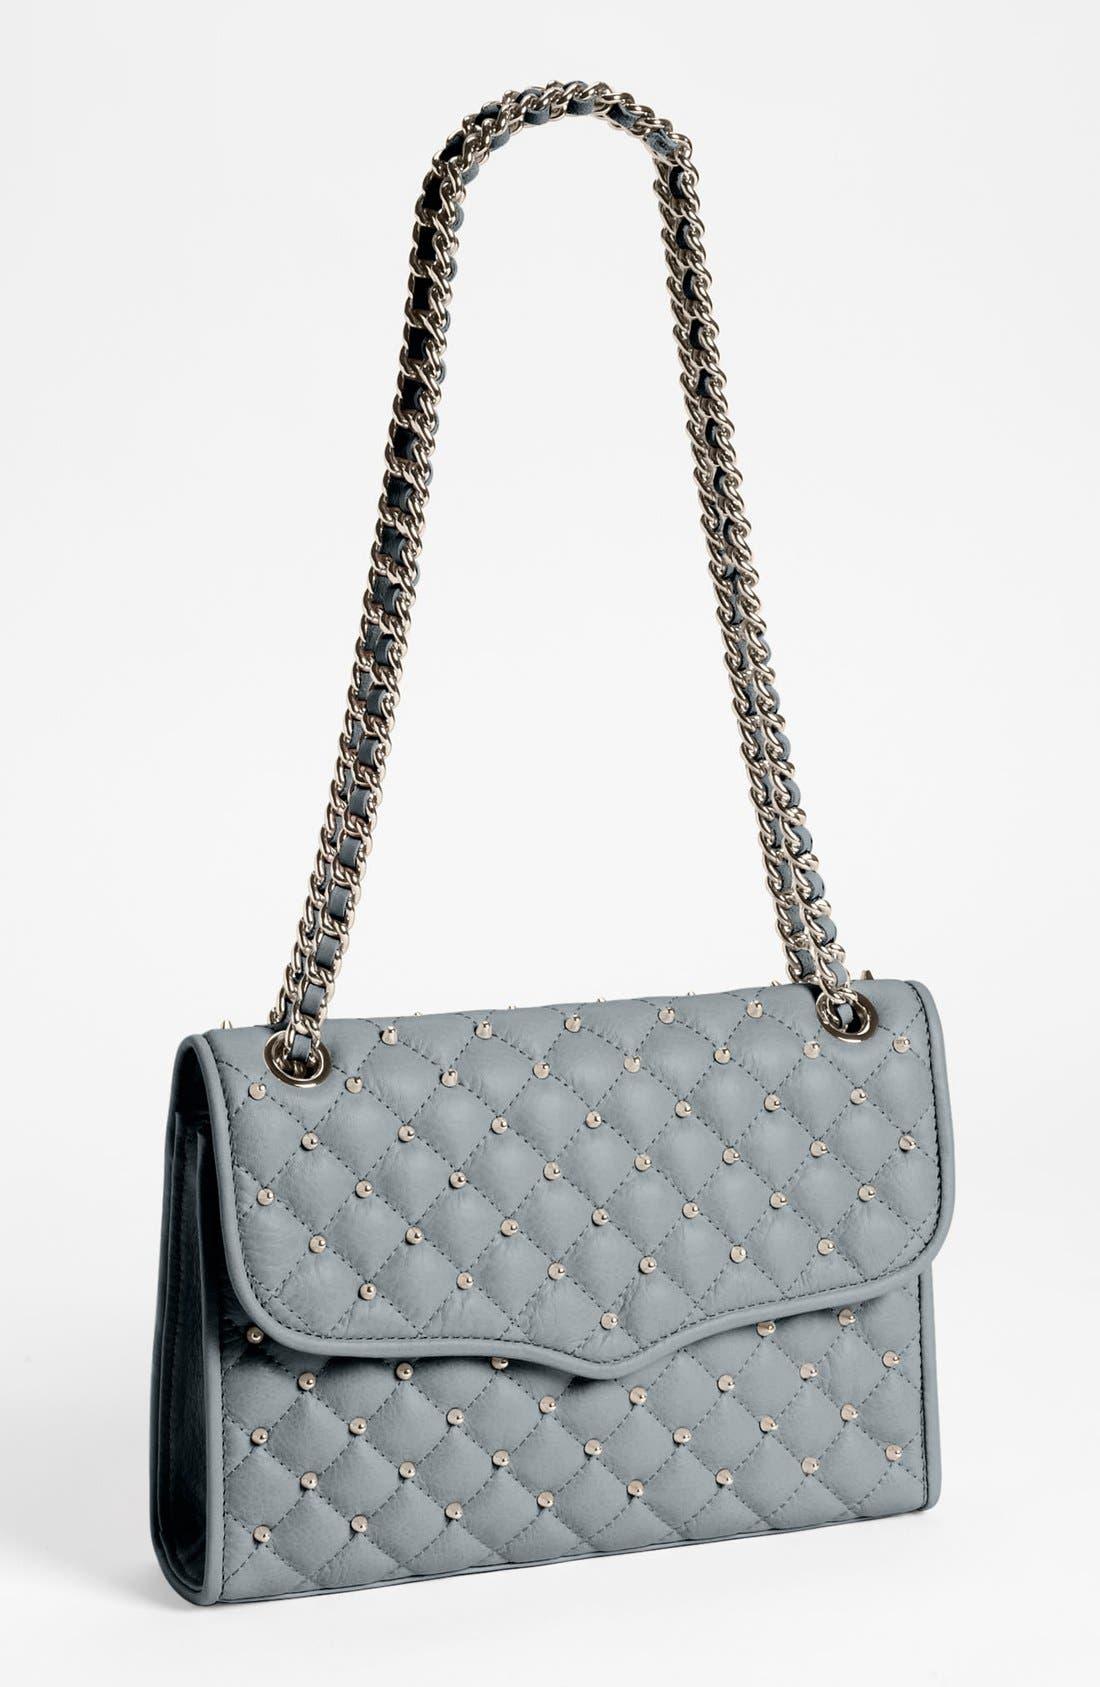 Alternate Image 1 Selected - Rebecca Minkoff 'Affair' Leather Shoulder Bag